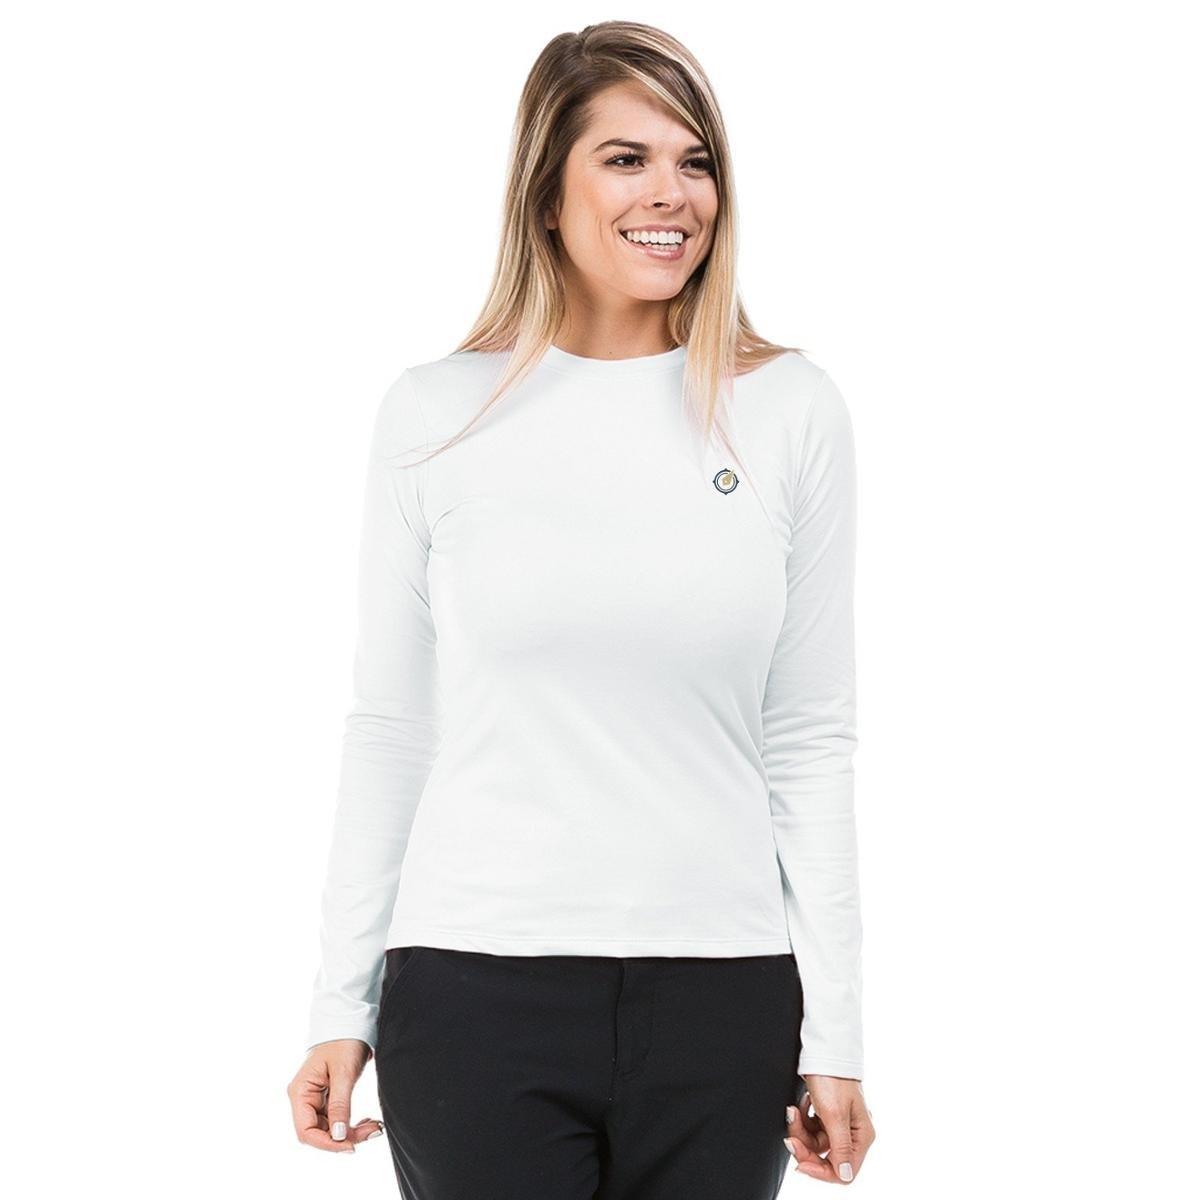 Camisa Térmica para Frio Manga Longa com Proteção Solar Extreme UV - Branco  - Compre Agora  ef8f9193d74